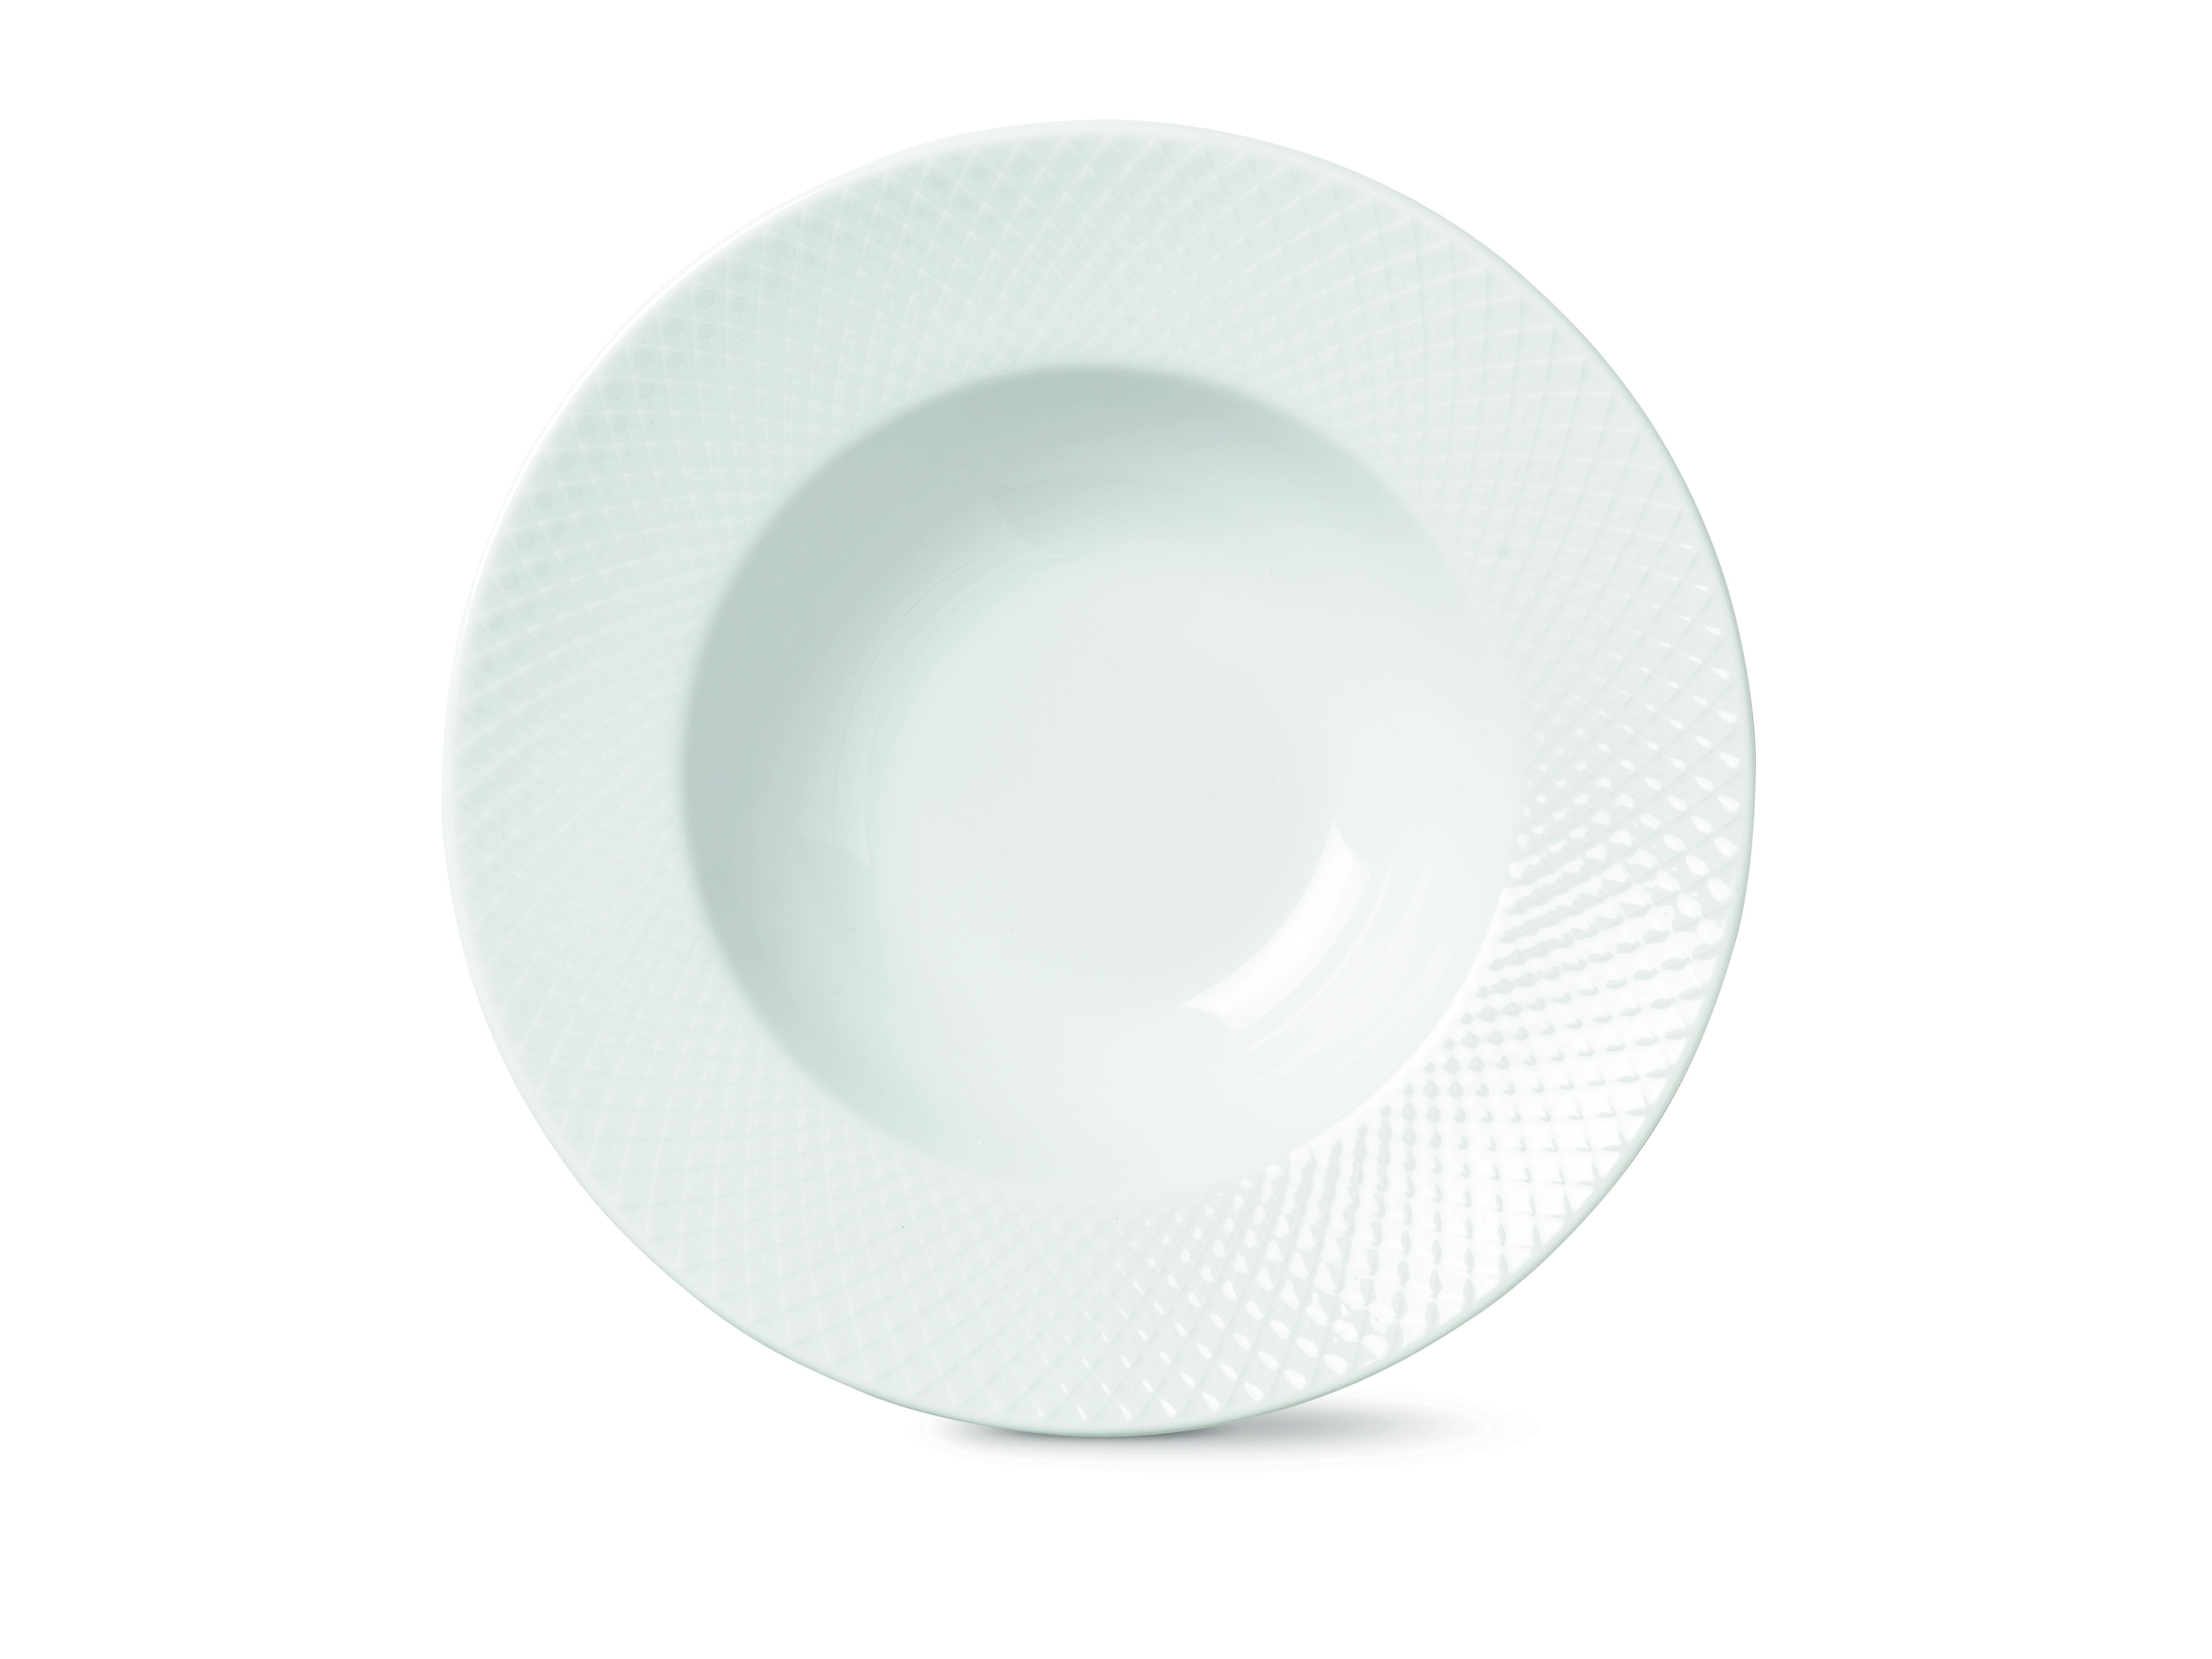 Lyngby Porcelæn Rhombe pastatallerken, Ø24,5 cm